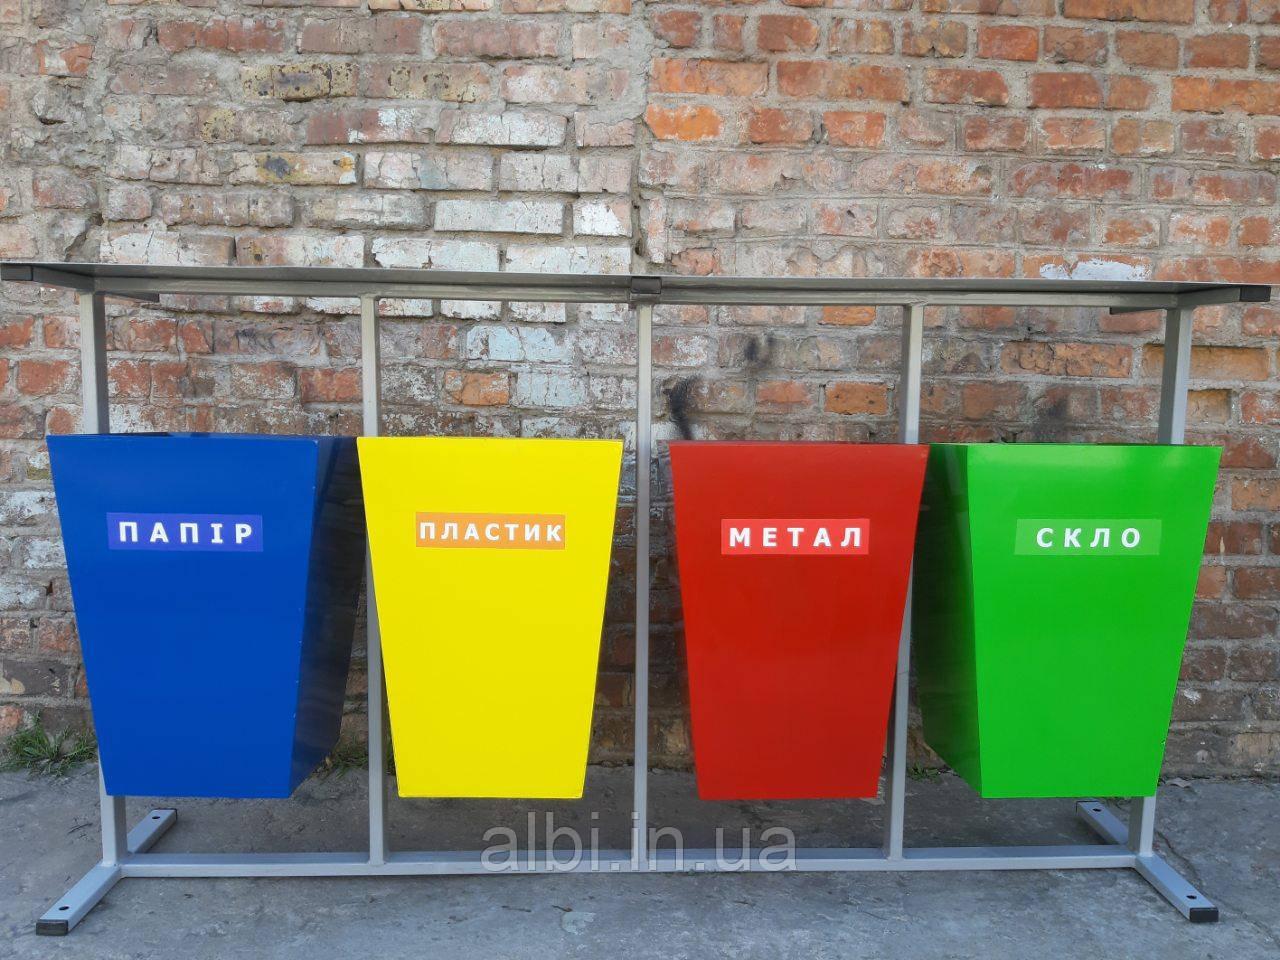 Урна Трапеция металлическая для раздельного сбора мусора из 4х ед.